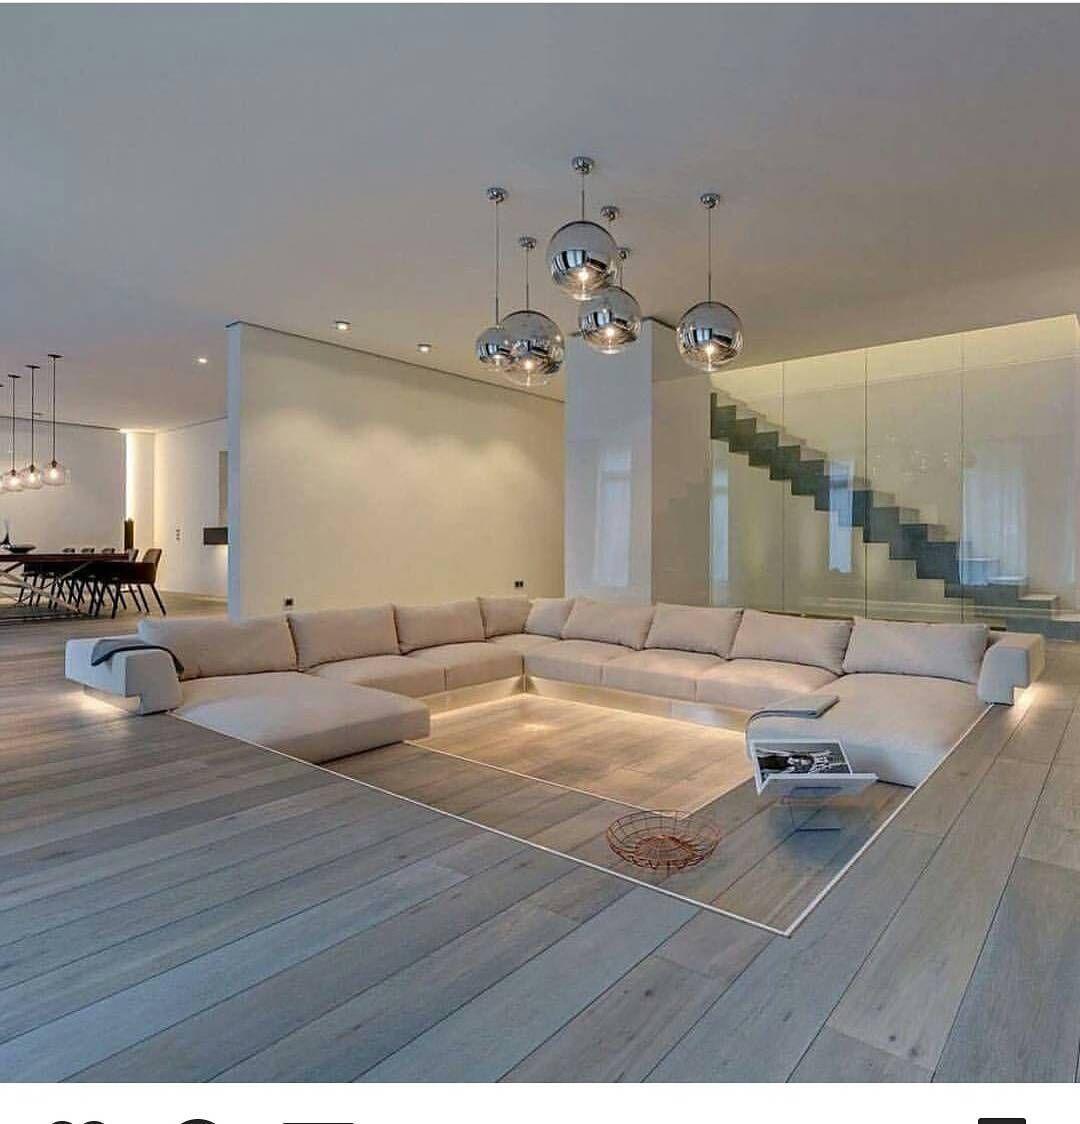 design e funzionalità, creando nuove tendenze nell'architettura degli interni. Pin By Fabiano Marini On Fabiano Marini Sunken Living Room Dream House Interior Modern Minimalist Living Room